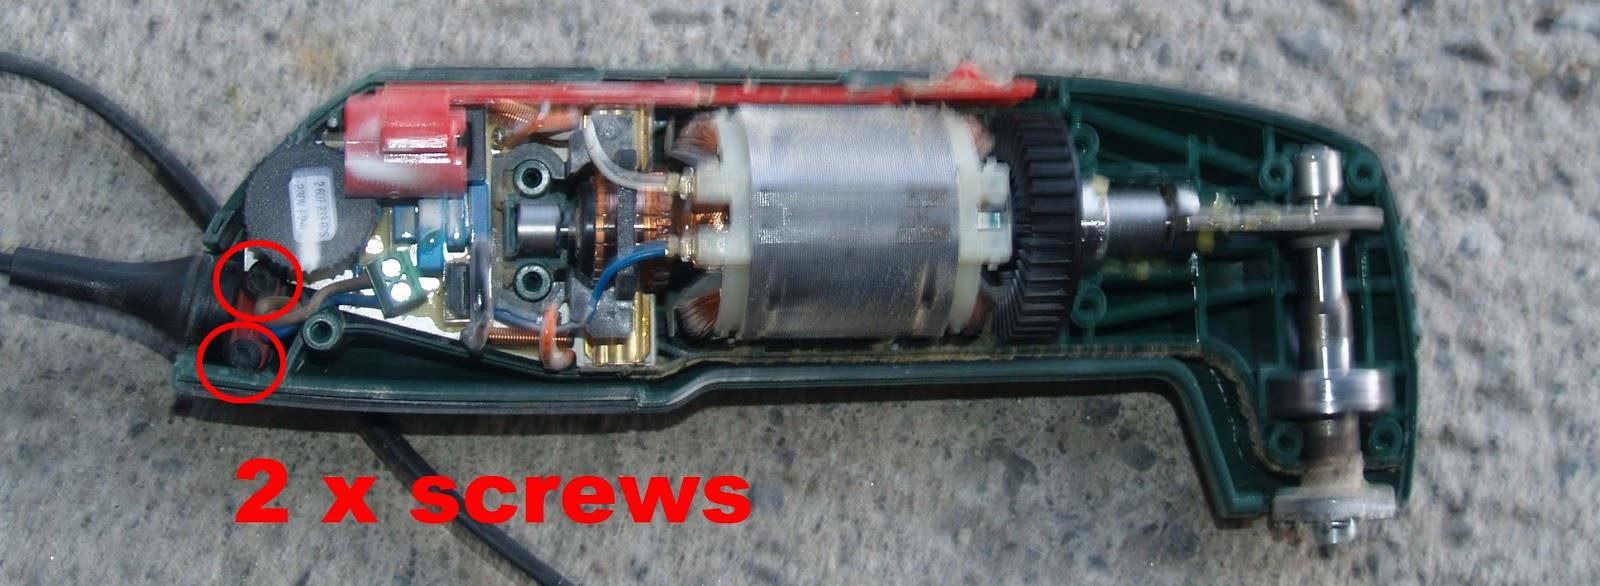 jb service: bosch pmf 180e and pmf 190e multi tool, 230vac